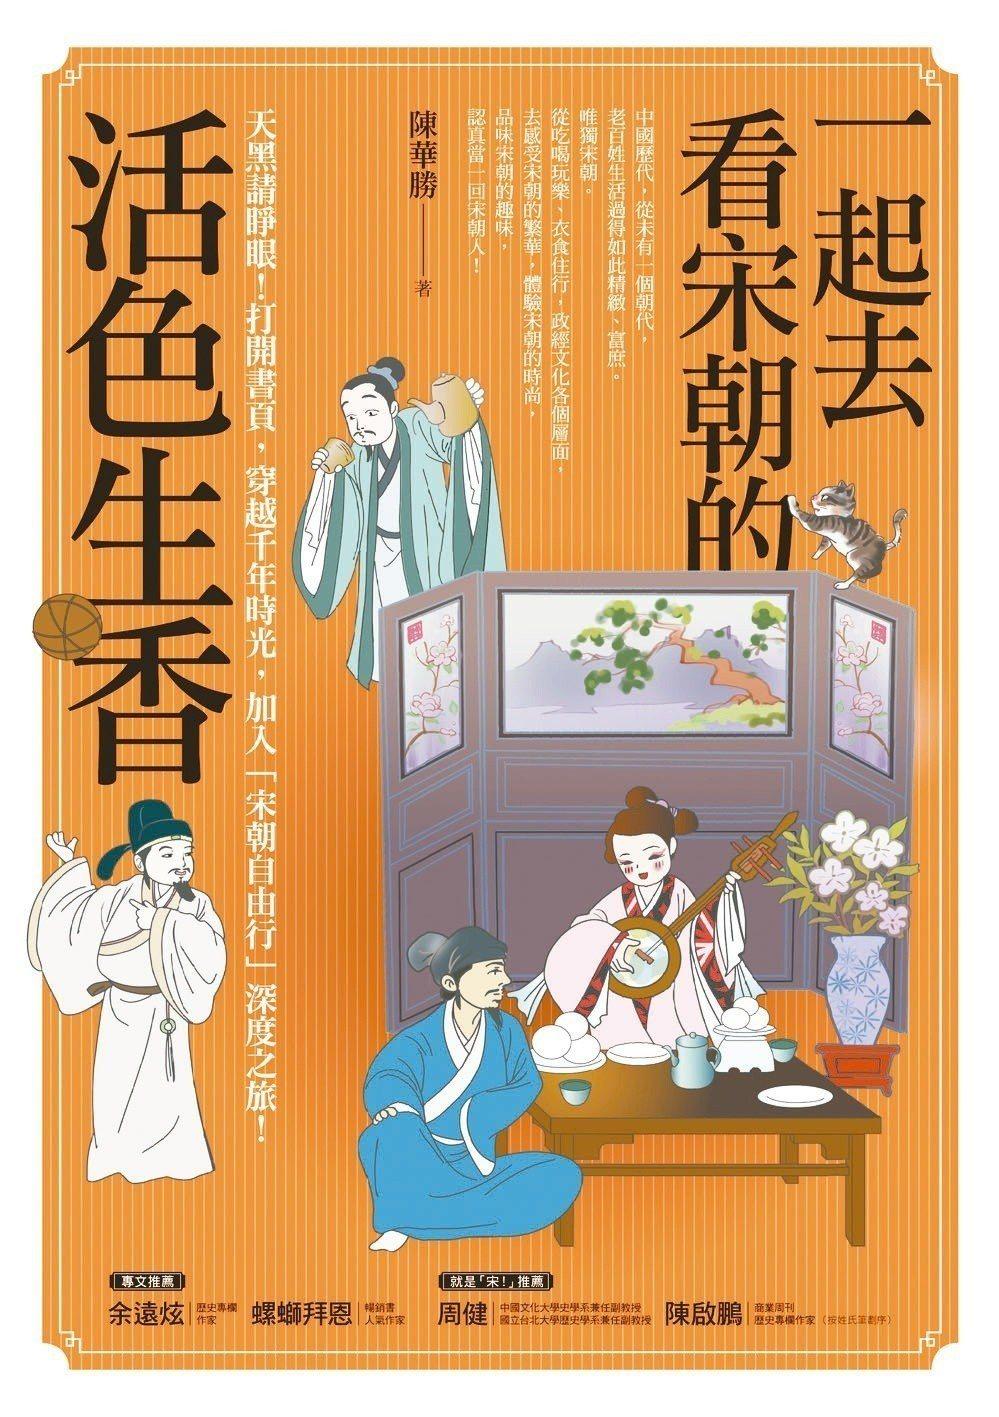 《一起去看宋朝的活色生香》書影。(圖/商周提供)